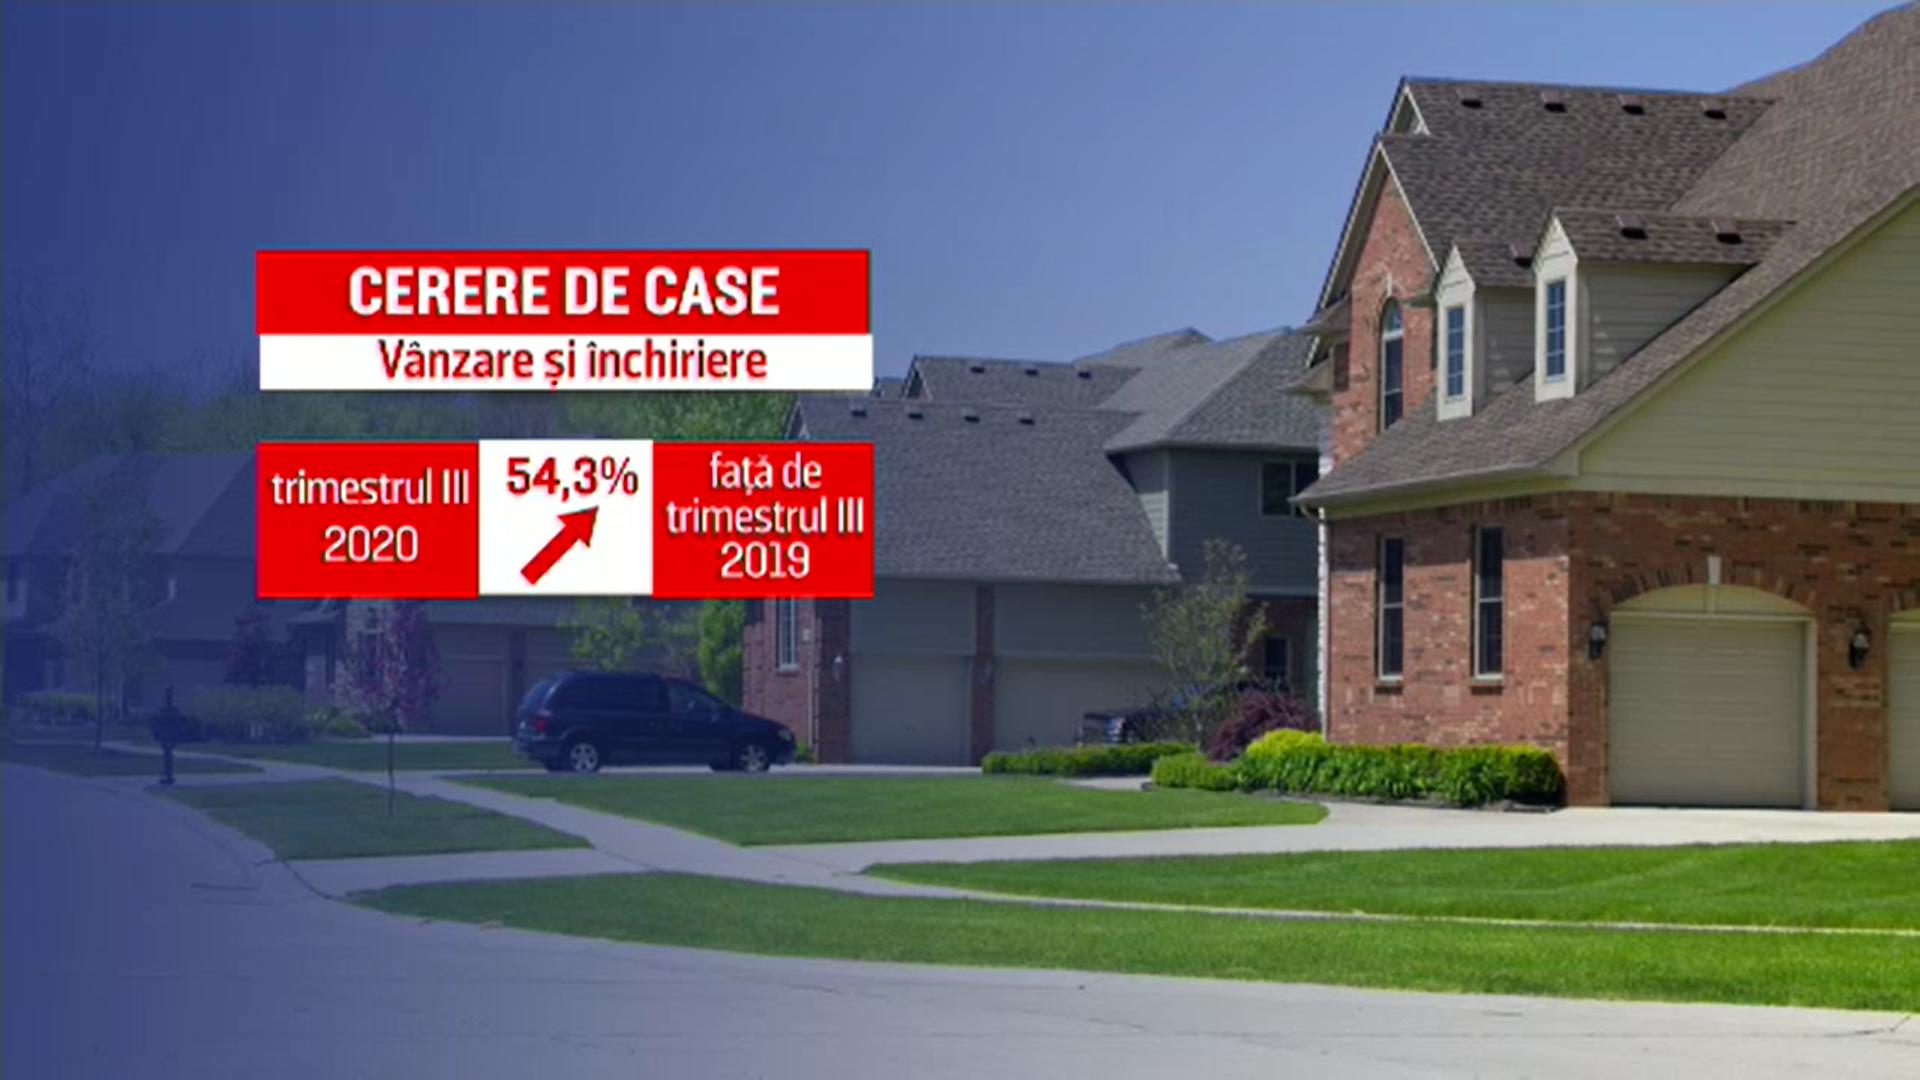 Cererea de case pentru vânzare sau închiriere a crescut în ultimele luni cu peste 50 %